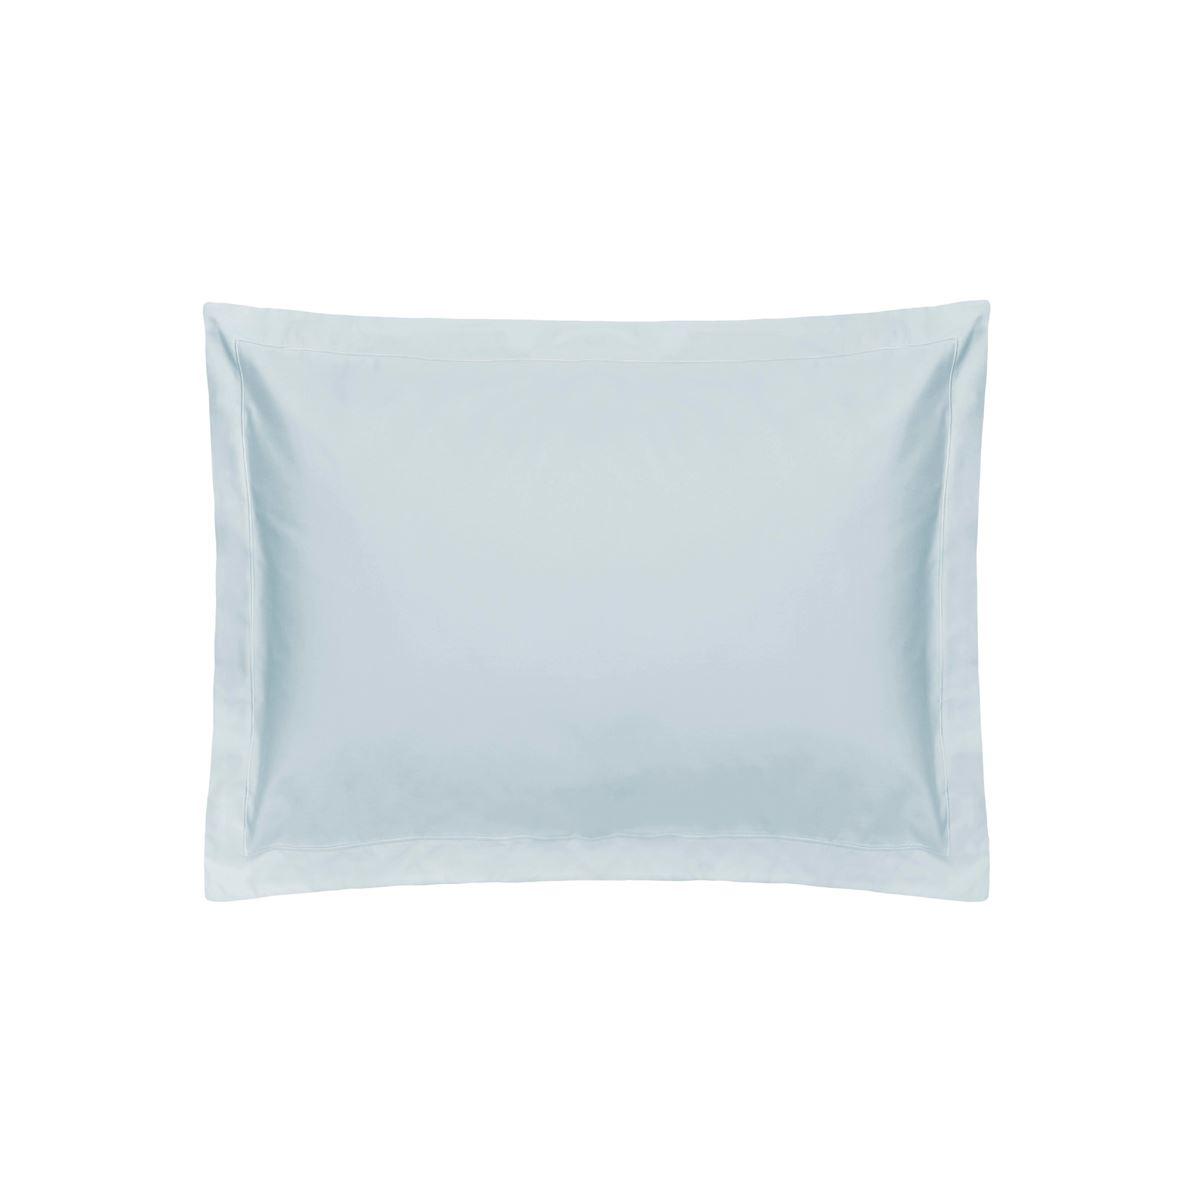 Belledorm Egyptian Cotton Oxford Pillowcase Duck Egg